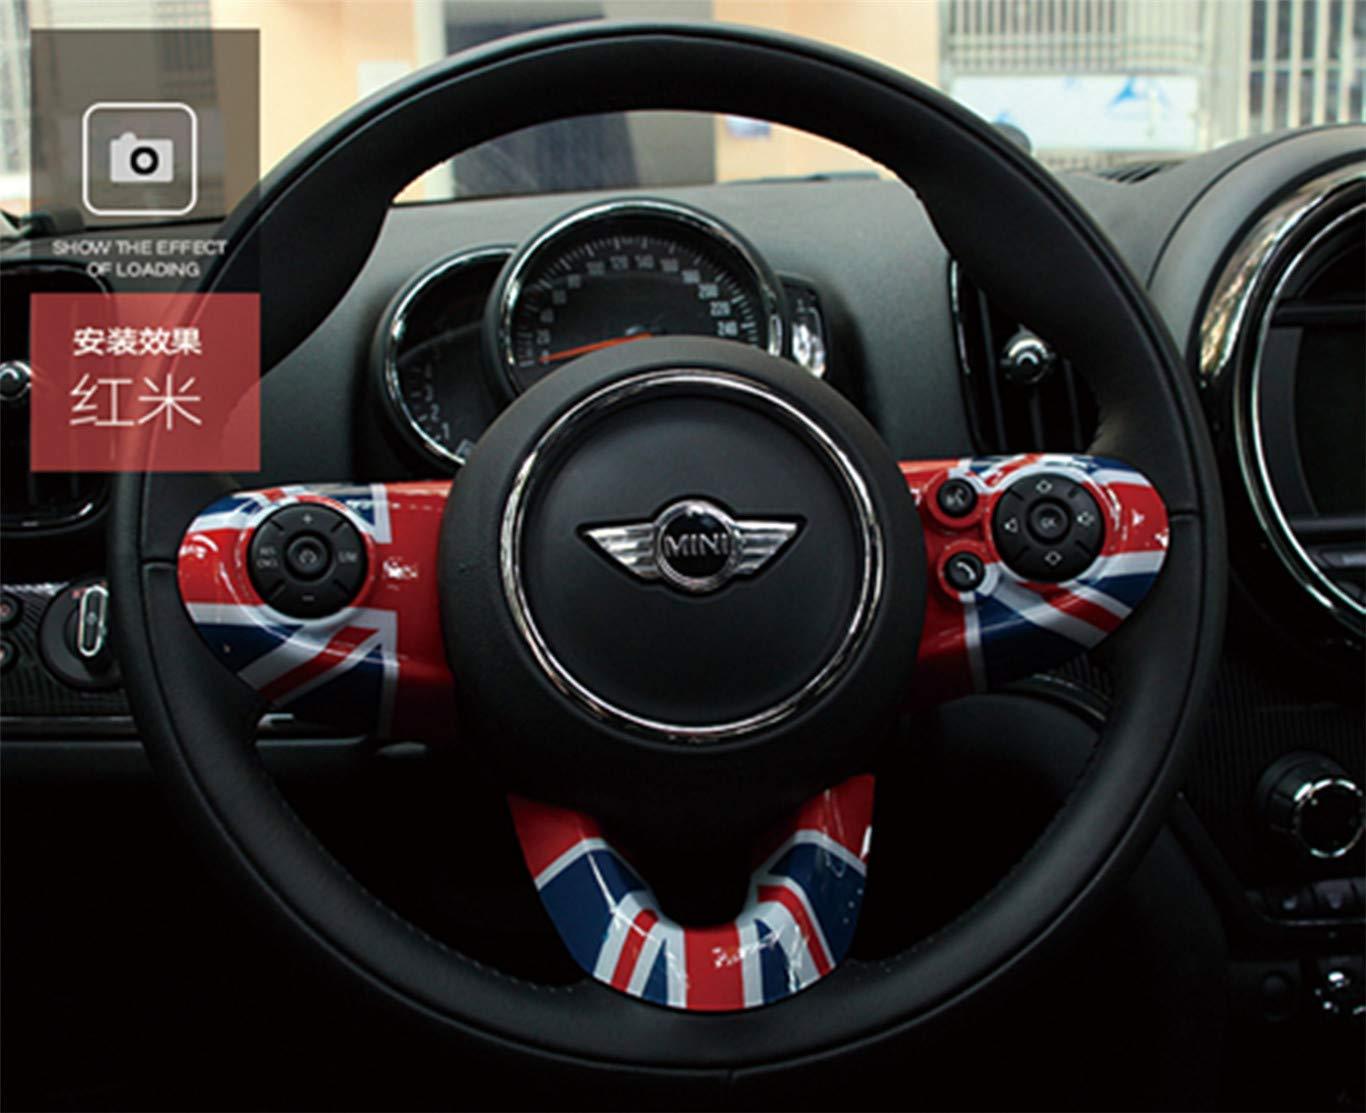 HDX Copertura per cruscotto del Volante in ABS per Mini Cooper One S JCW F54 Clubman F55 Hardtop F56 Hatchback F57 Covertible F60 Countryman